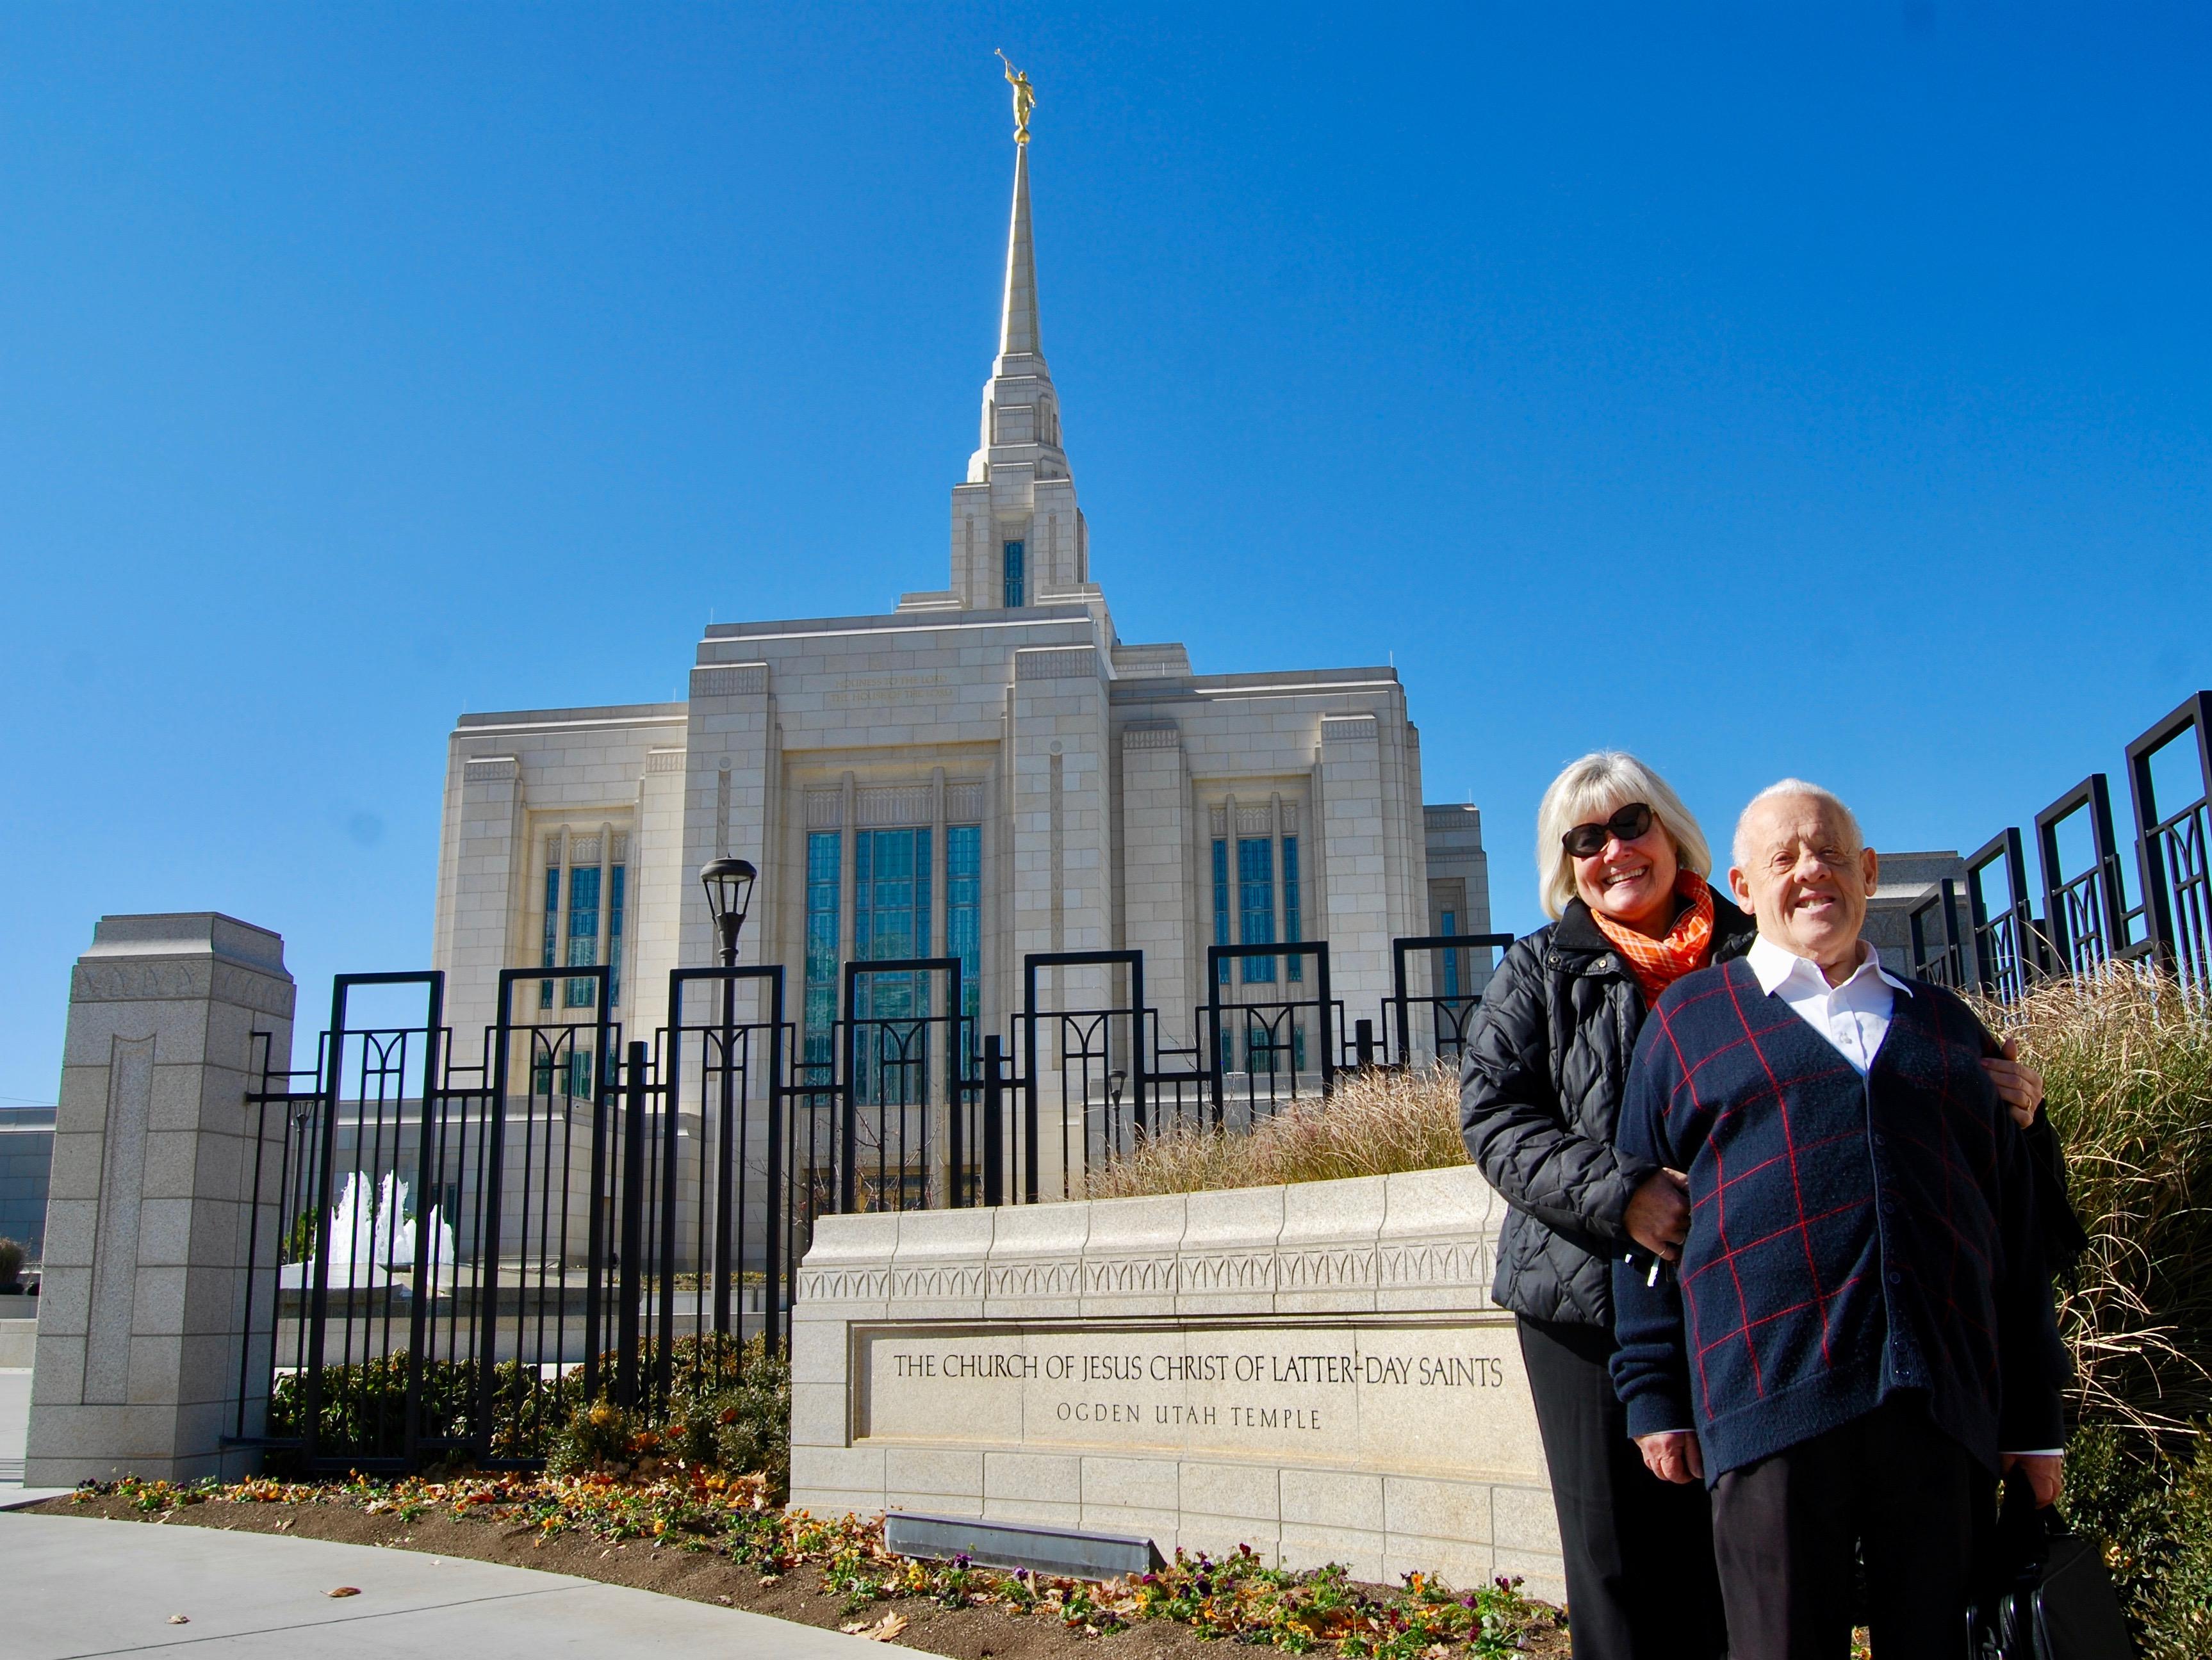 Dennis Preece y su hermana, Karen Miner, juntos fuera del Templo de Ogden Utah luego de asistir a sus dos sesiones diarias de investidura, el miércoles 30 de octubre de 2019.